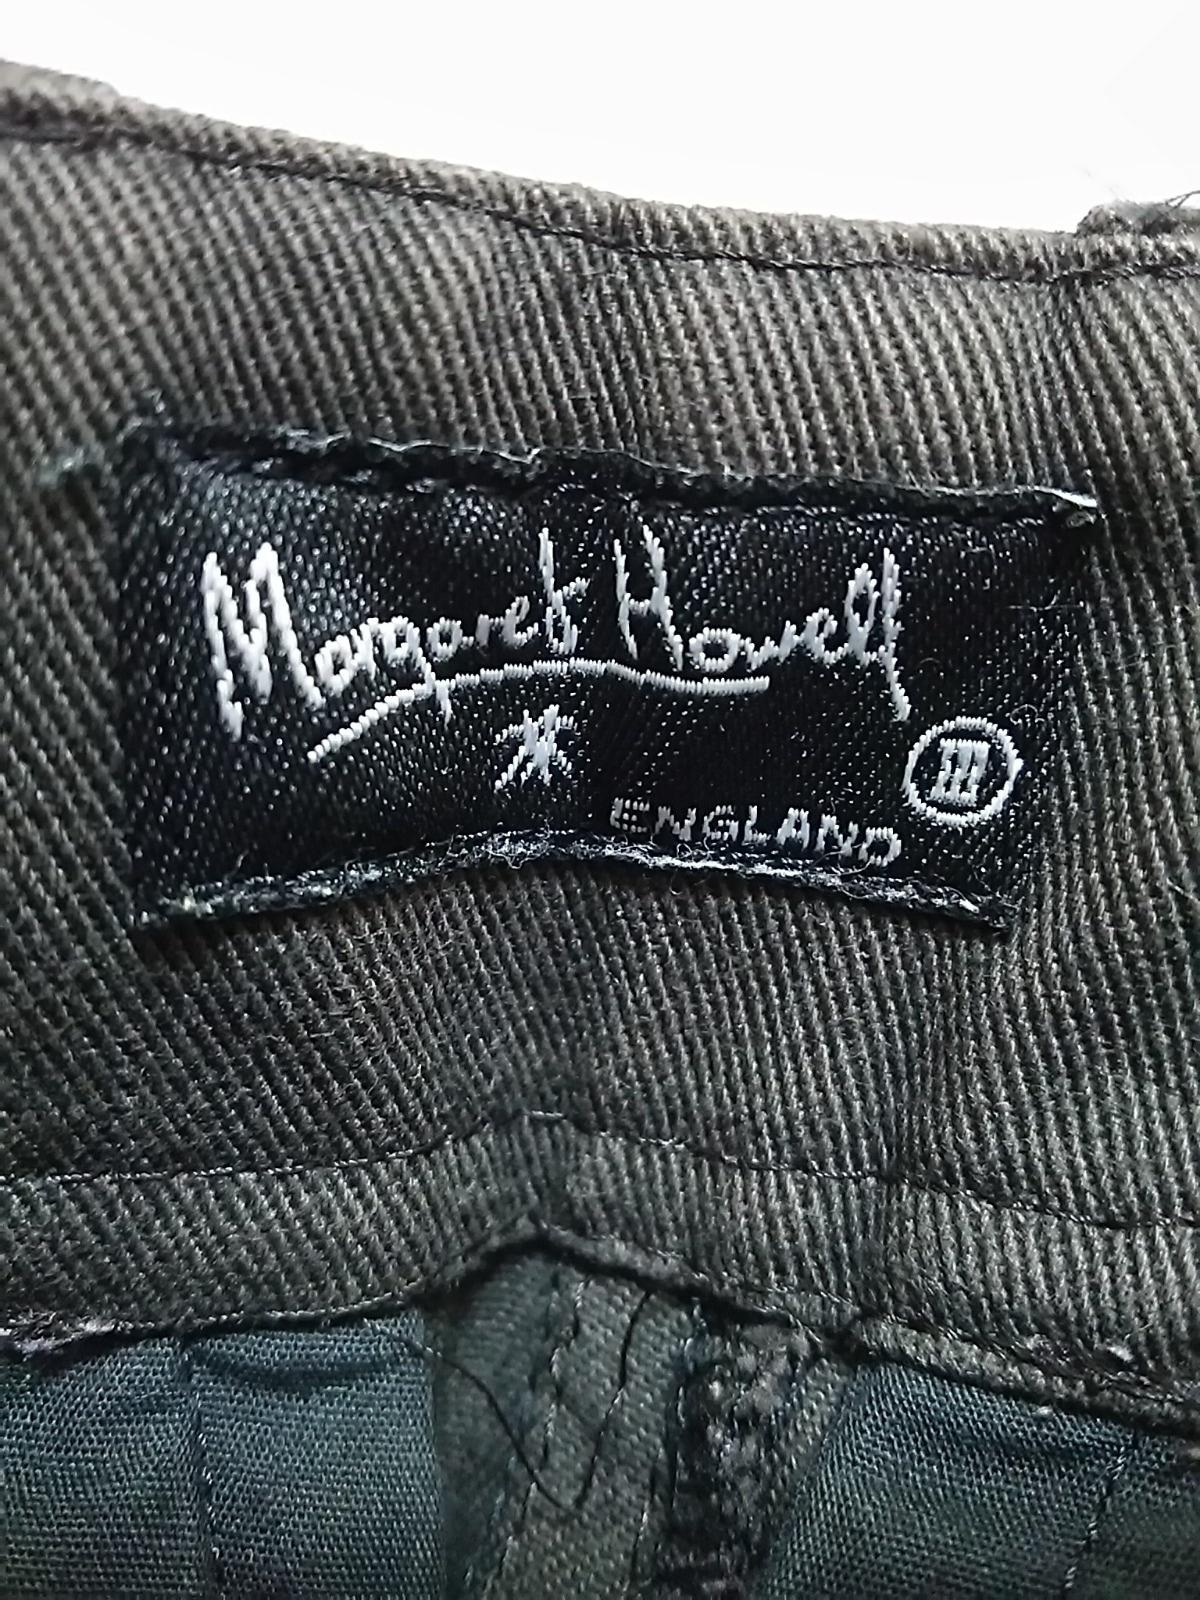 MargaretHowell(マーガレットハウエル)のジーンズ